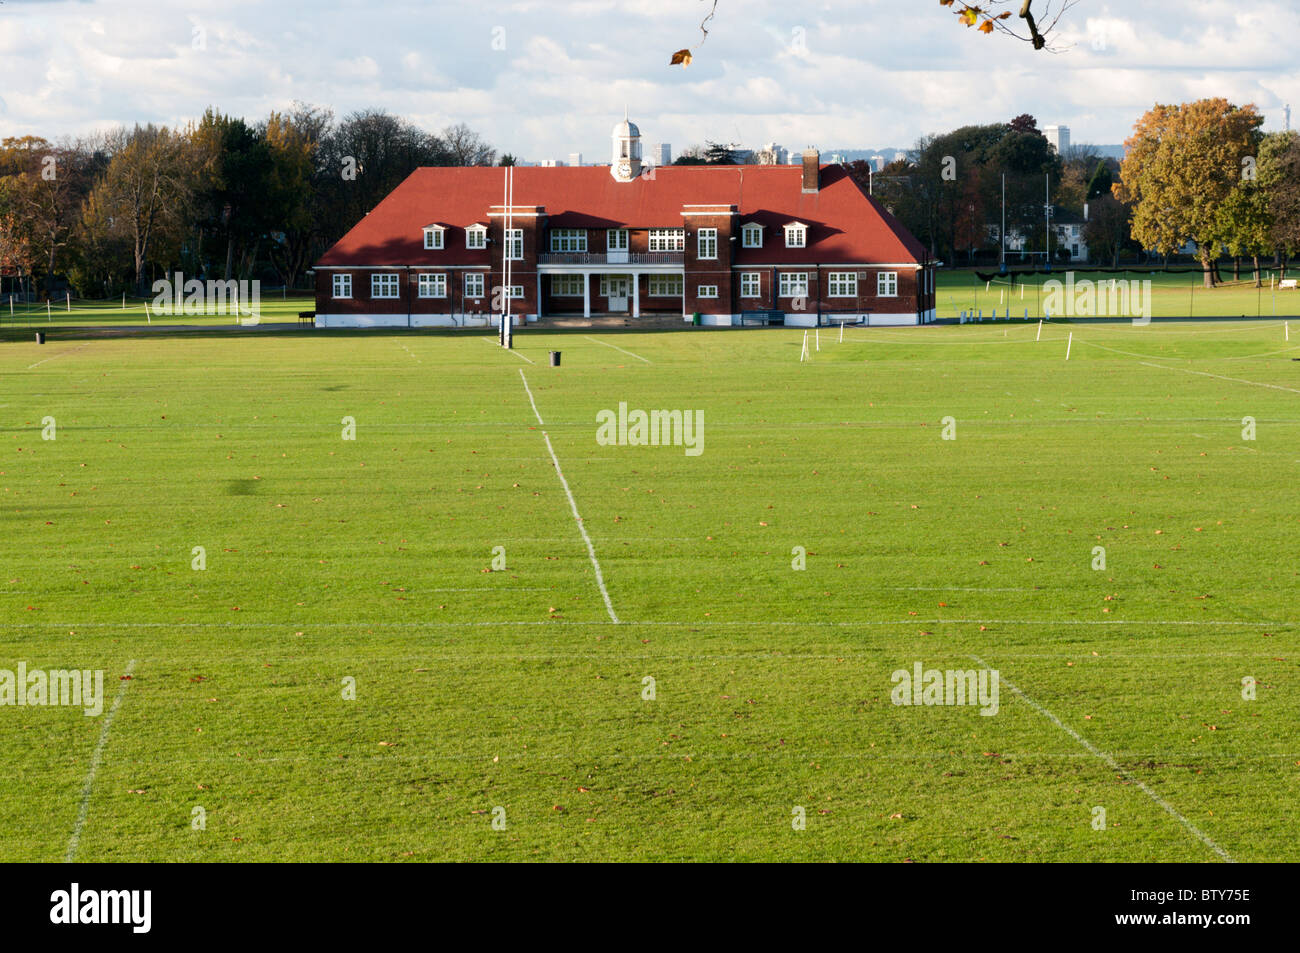 El pabellón y campos de juego de Dulwich College, en el sur de Londres Imagen De Stock